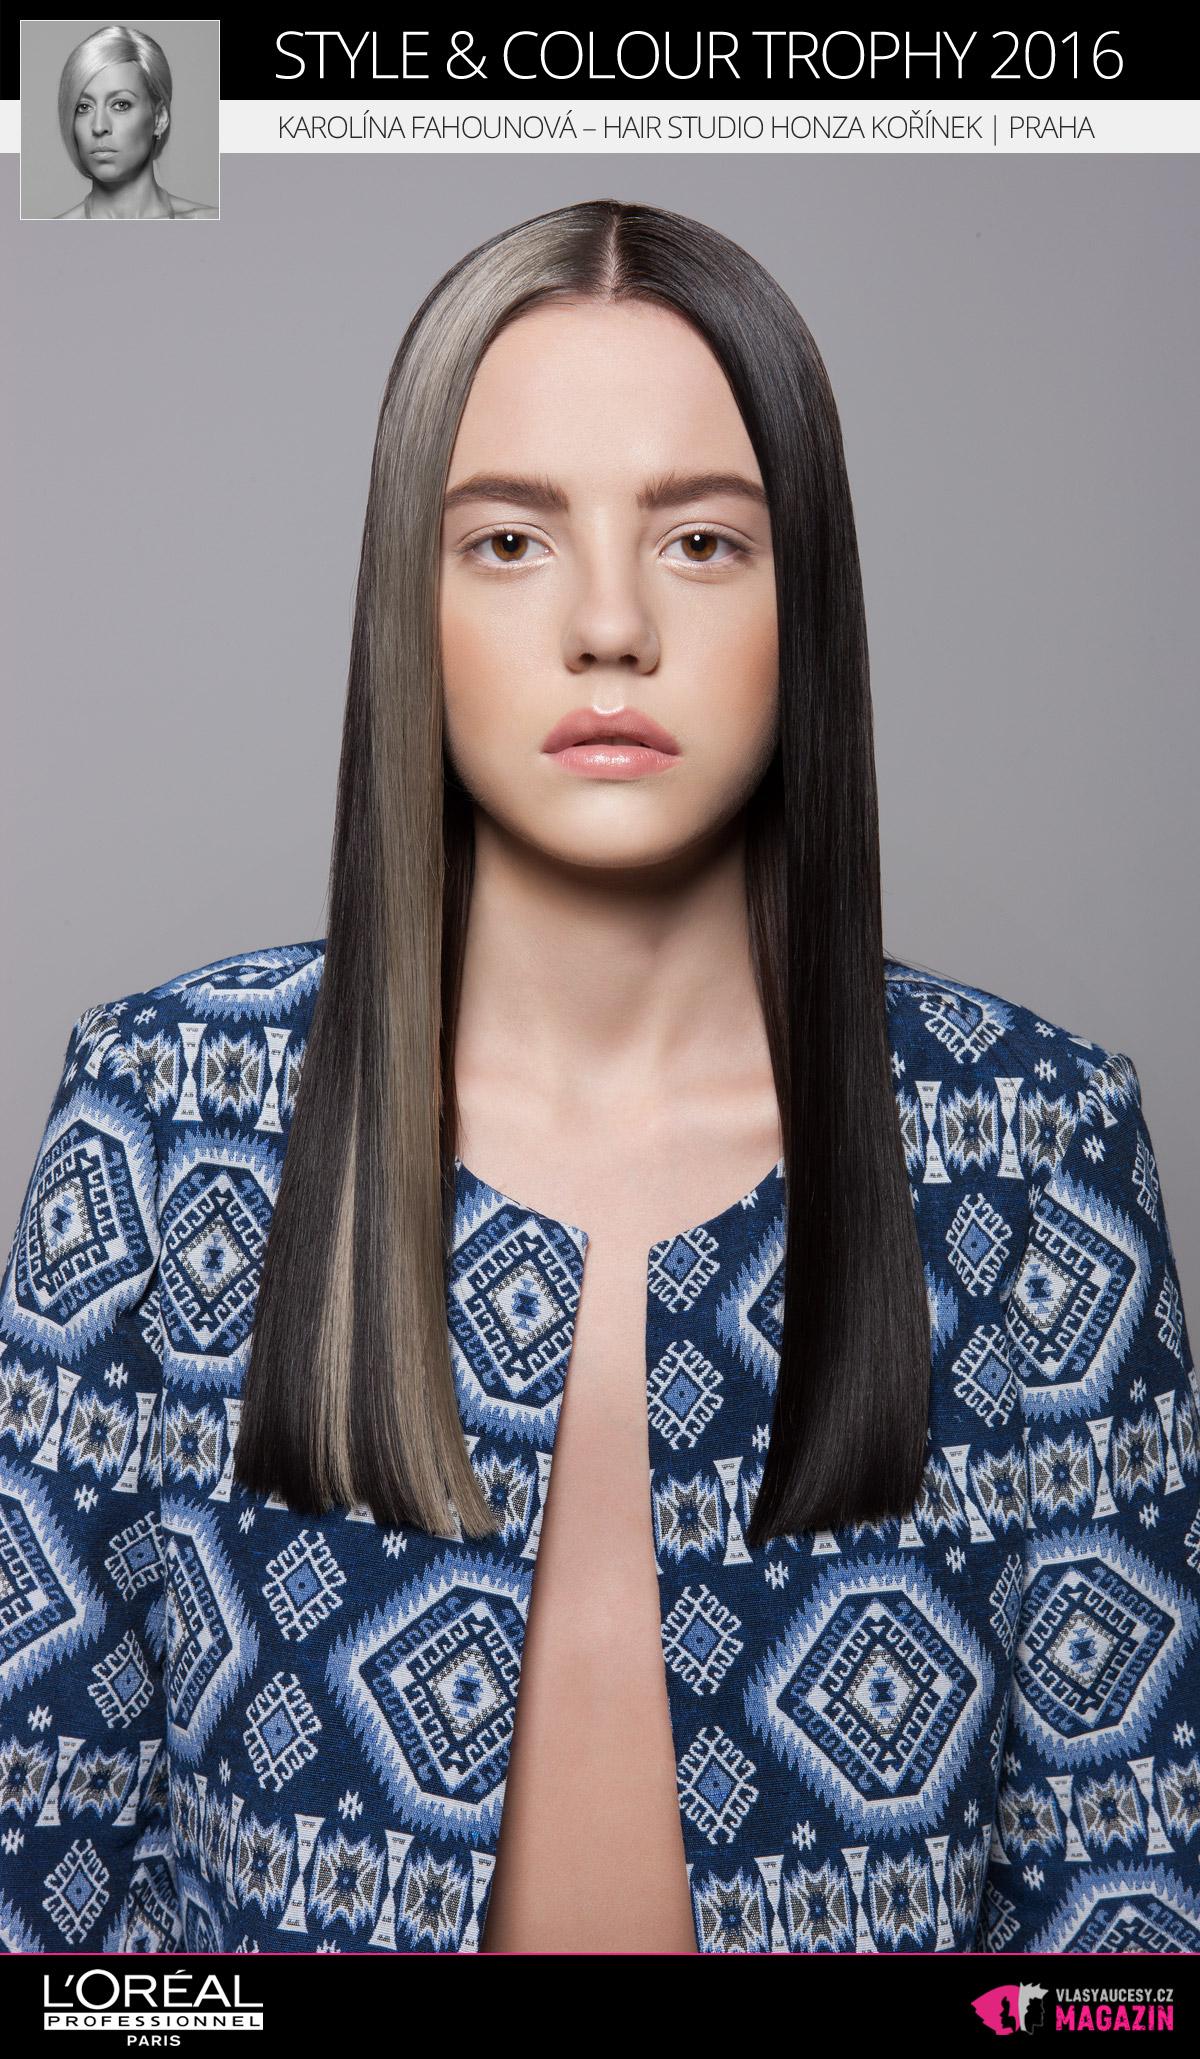 Karolína Fahounová –Hair Studio Honza Kořínek, Praha | L'Oréal Style & Colour Trophy 2016